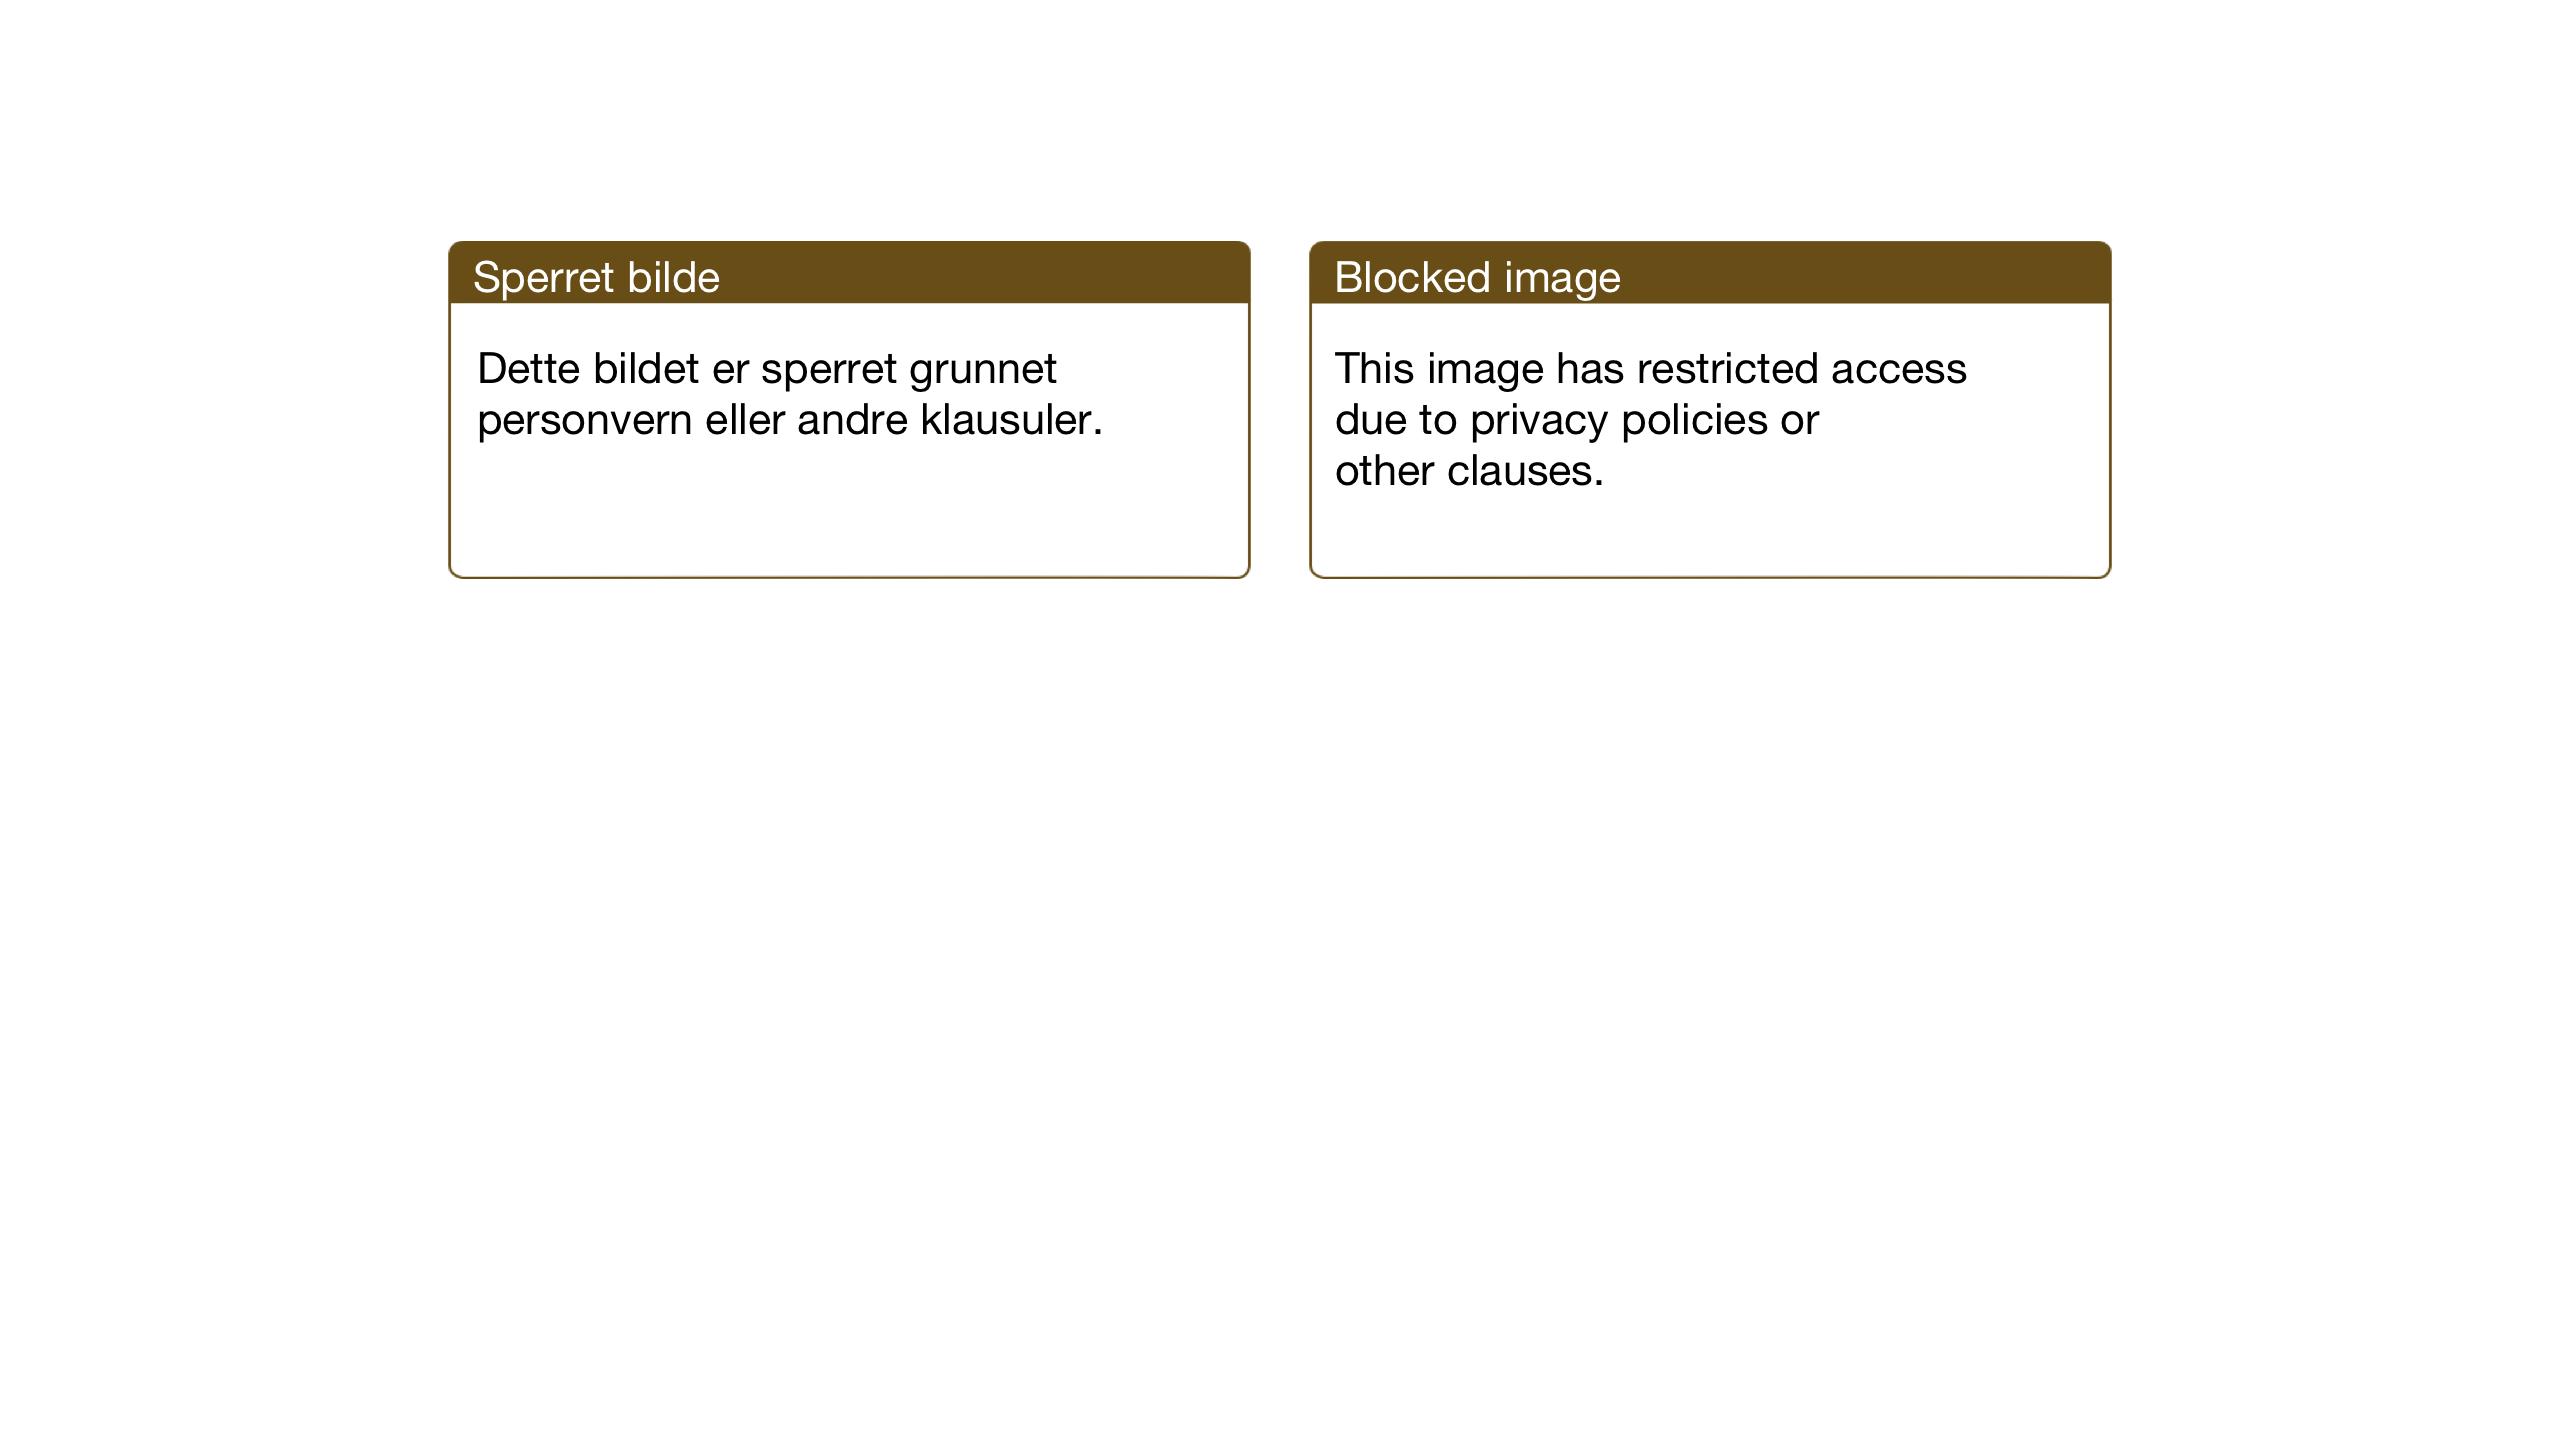 SAT, Ministerialprotokoller, klokkerbøker og fødselsregistre - Sør-Trøndelag, 611/L0356: Klokkerbok nr. 611C04, 1914-1938, s. 119